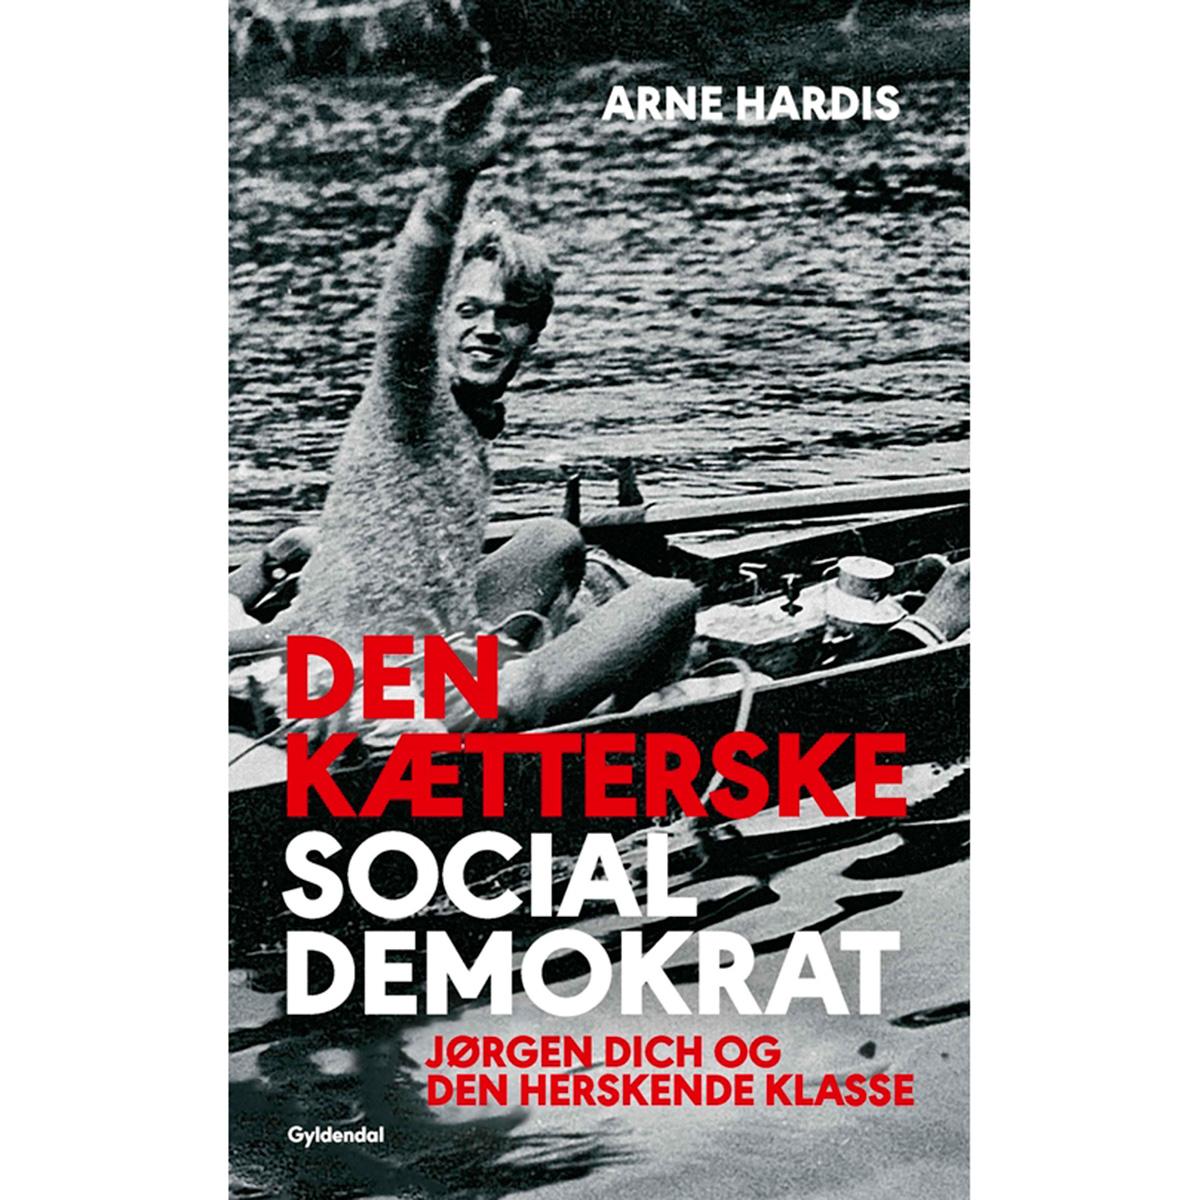 Billede af Den kætterske socialdemokrat - Hæftet